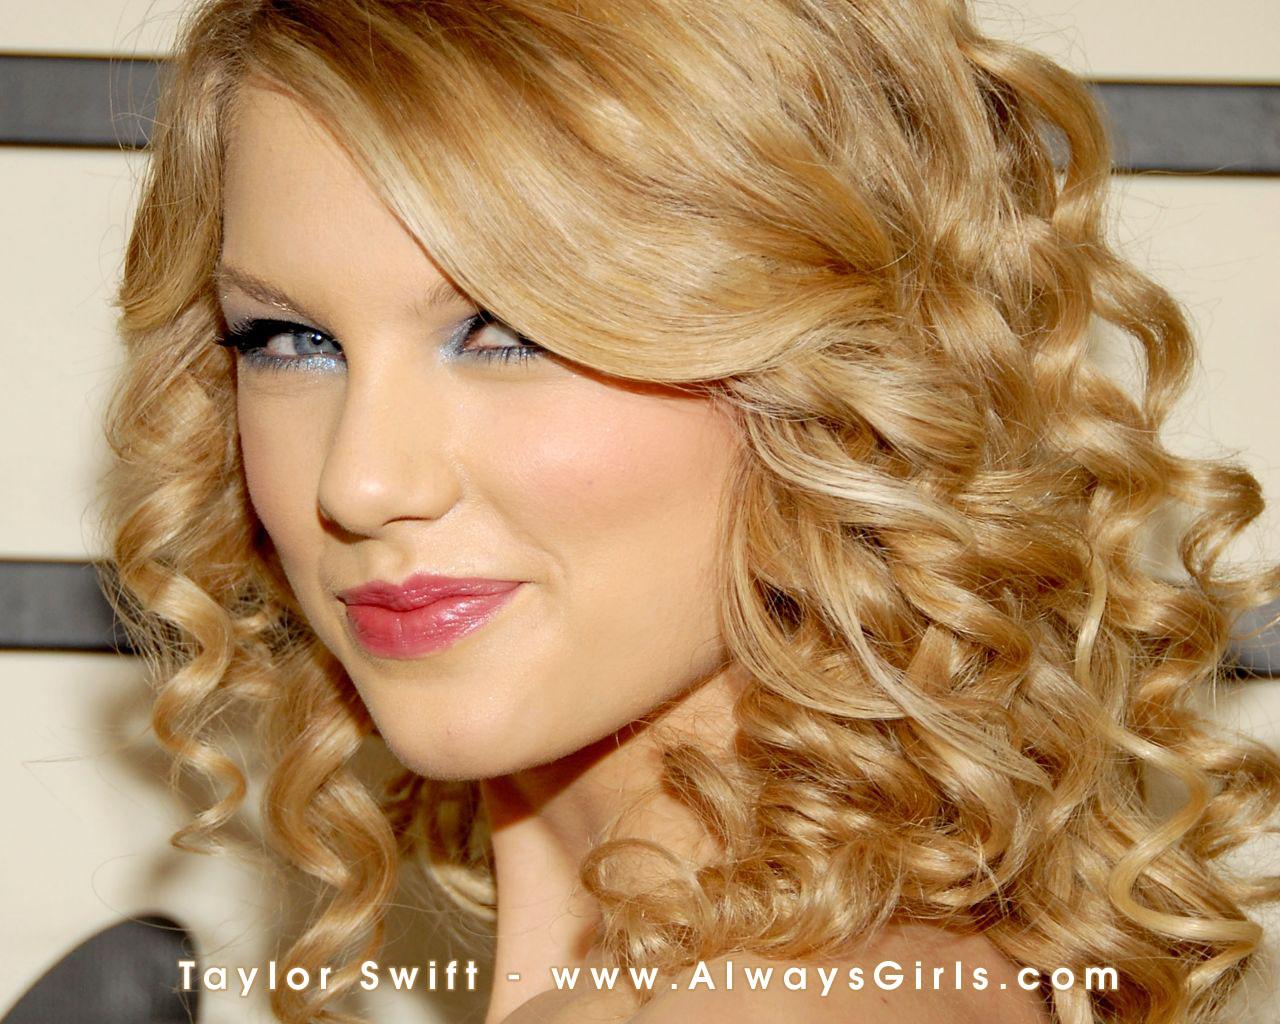 http://4.bp.blogspot.com/-a9XnvOWU4hE/T7GWHxyEwoI/AAAAAAAAArU/iSQNgKrl-8Q/s1600/Taylor_Swift_42.jpg